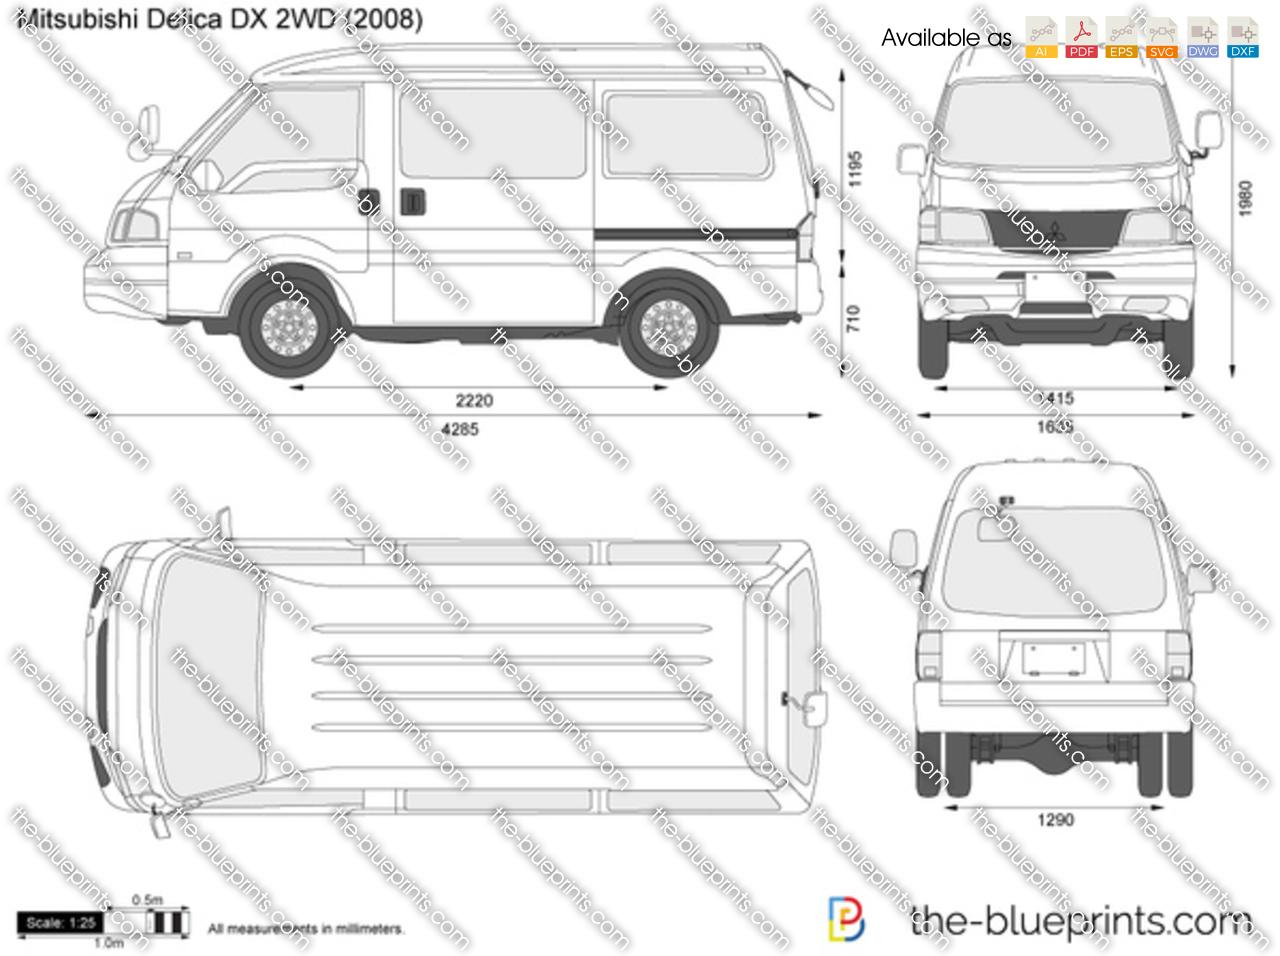 Mitsubishi Delica DX 2WD 1986